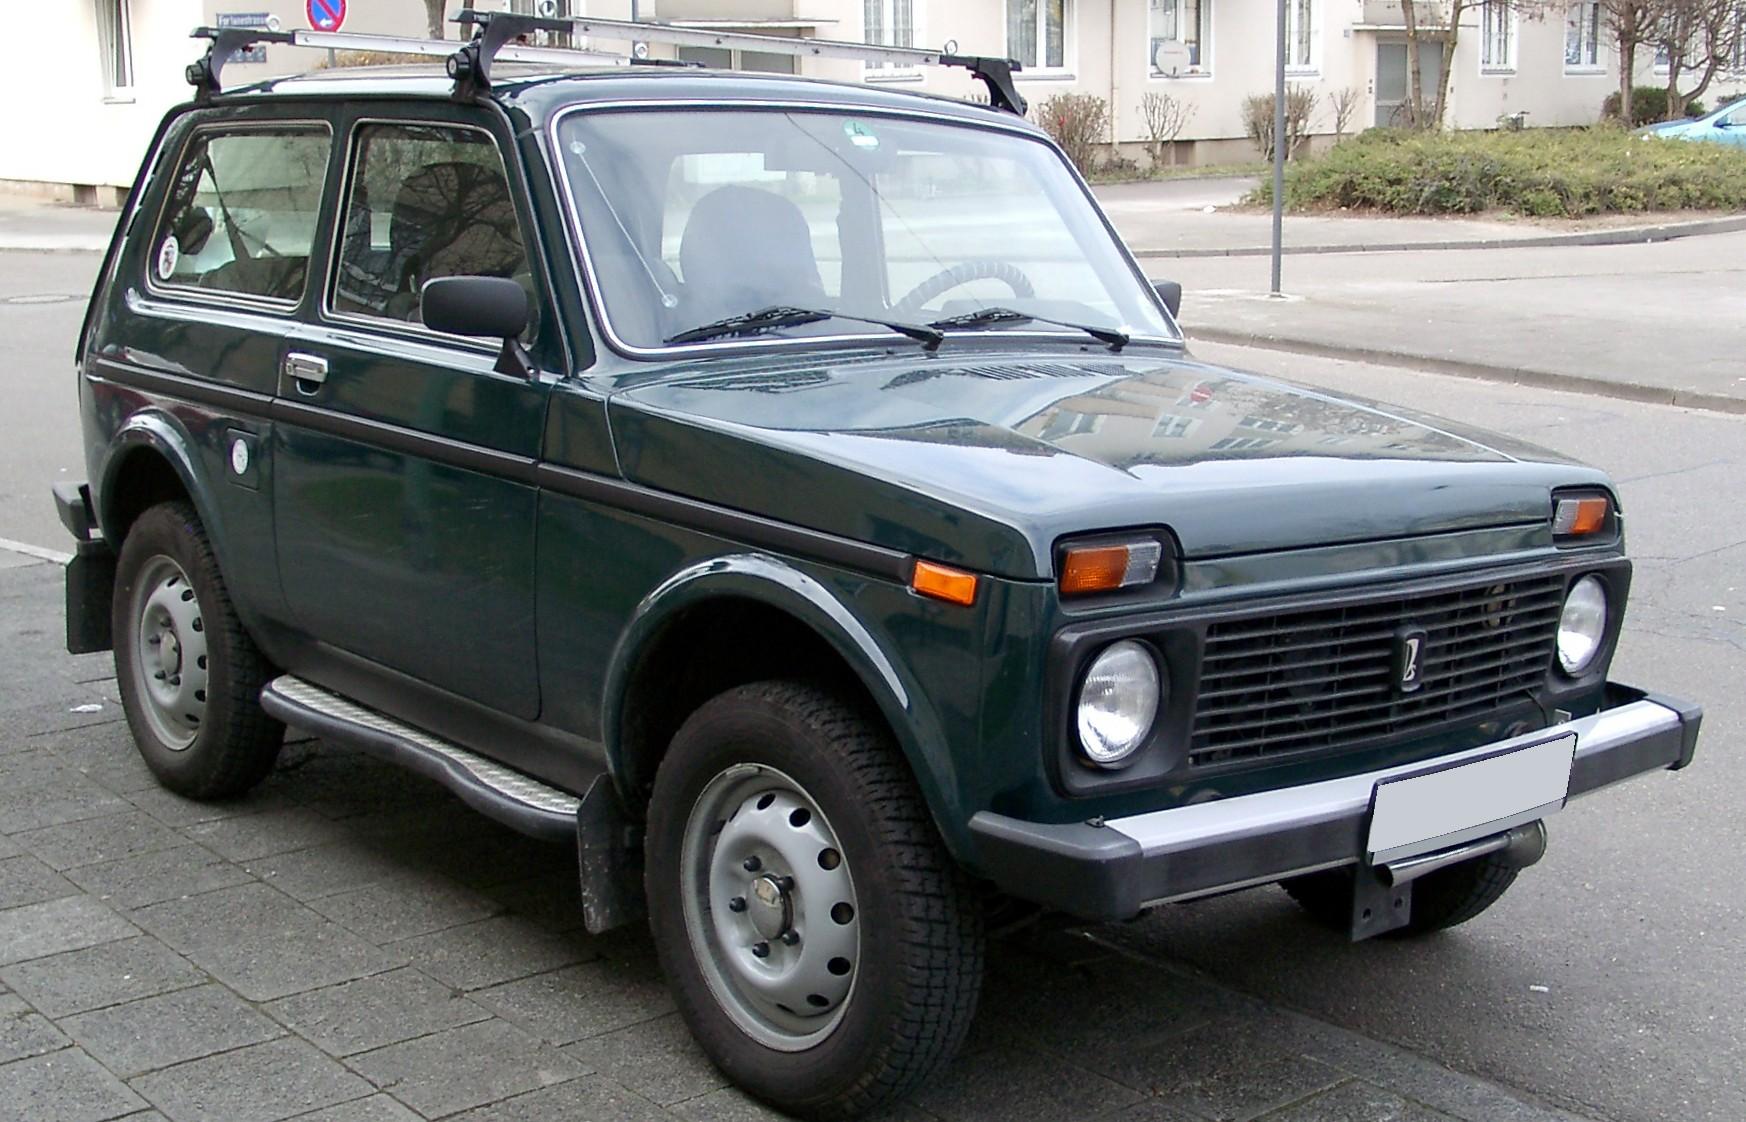 Поставки авто Лада на украинский рынок приостановлены— волжский автомобильный завод